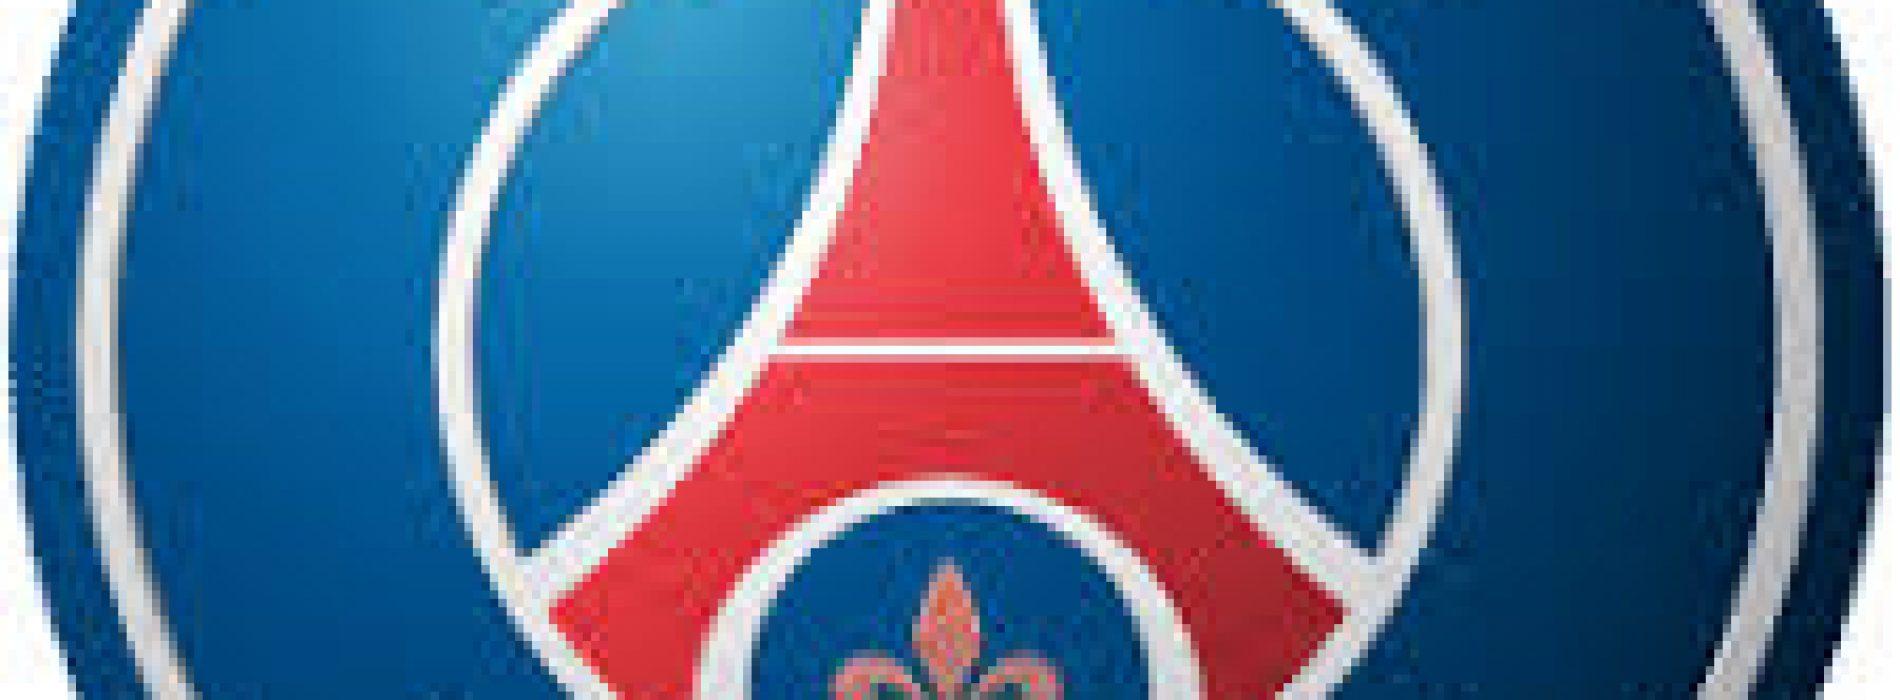 Ligue 1: Psg campione di Francia, classifica congelata ufficialmente